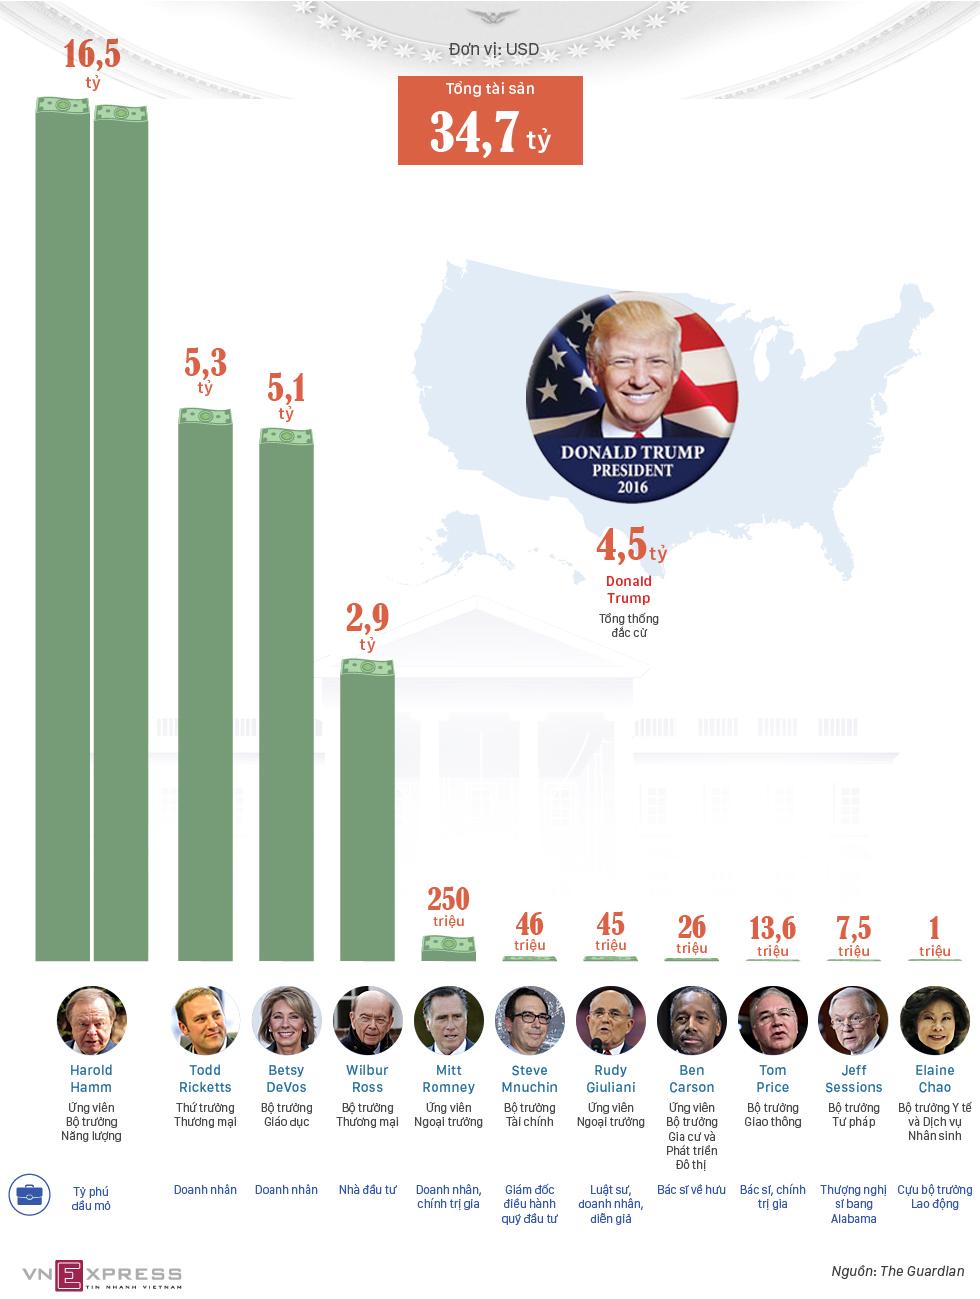 Nội các có tài sản gần 35 tỷ USD của Donald Trump